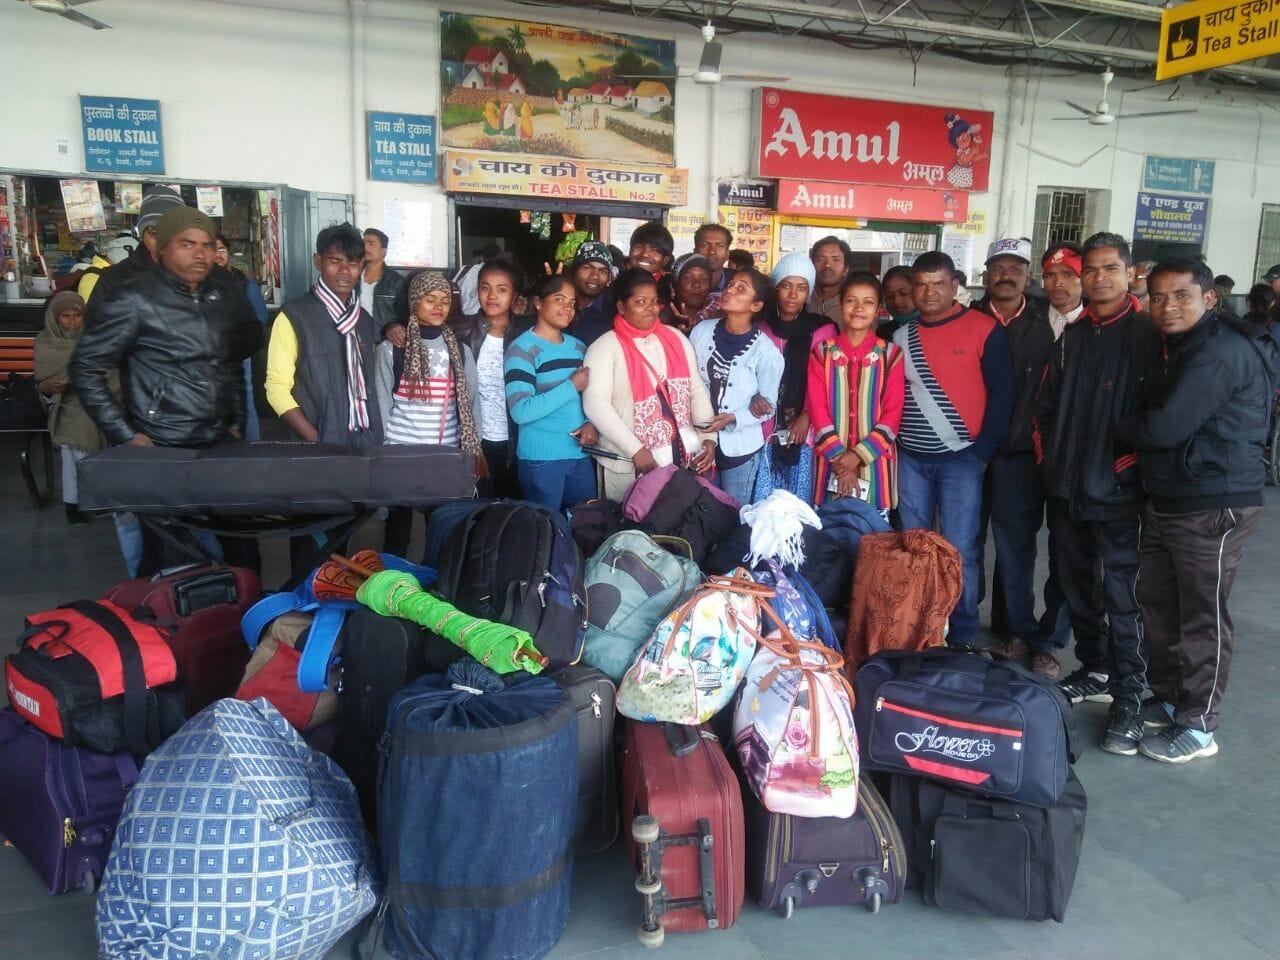 <p>दिनांक 16/01/18 से दिनांक&nbsp; 21/1/2018 तक&nbsp; पंजि गोवा में आयोजित लोक उत्सव के लिए&nbsp; कुन्जबन के 26 सदस्य कलाकारो की जत्था&nbsp;संस्कृति झारखंड सरकार की ओर से&nbsp; गोवा&#8230;